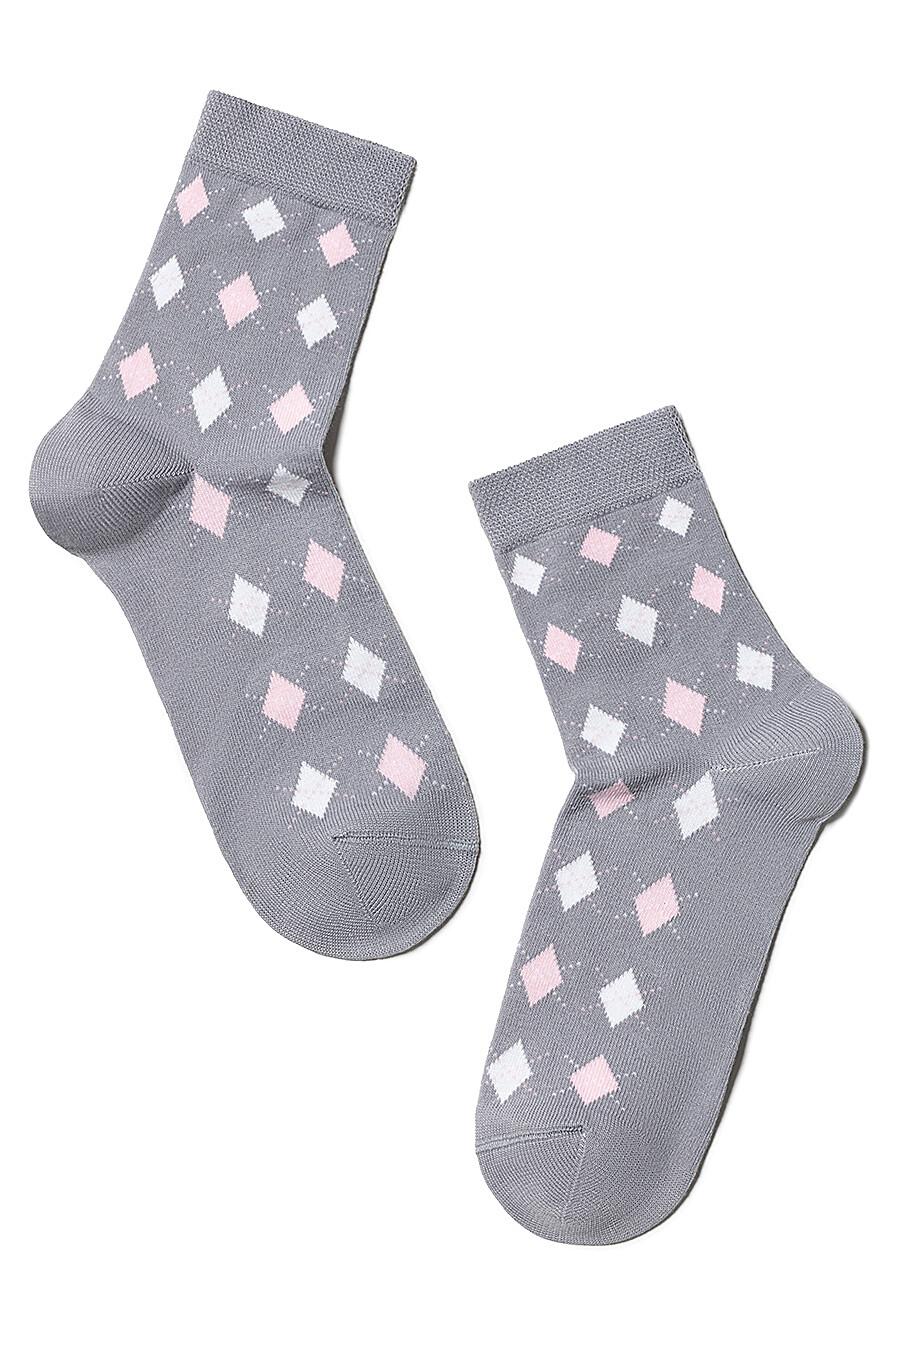 Носки для женщин БРЕСТСКИЕ 226871 купить оптом от производителя. Совместная покупка женской одежды в OptMoyo